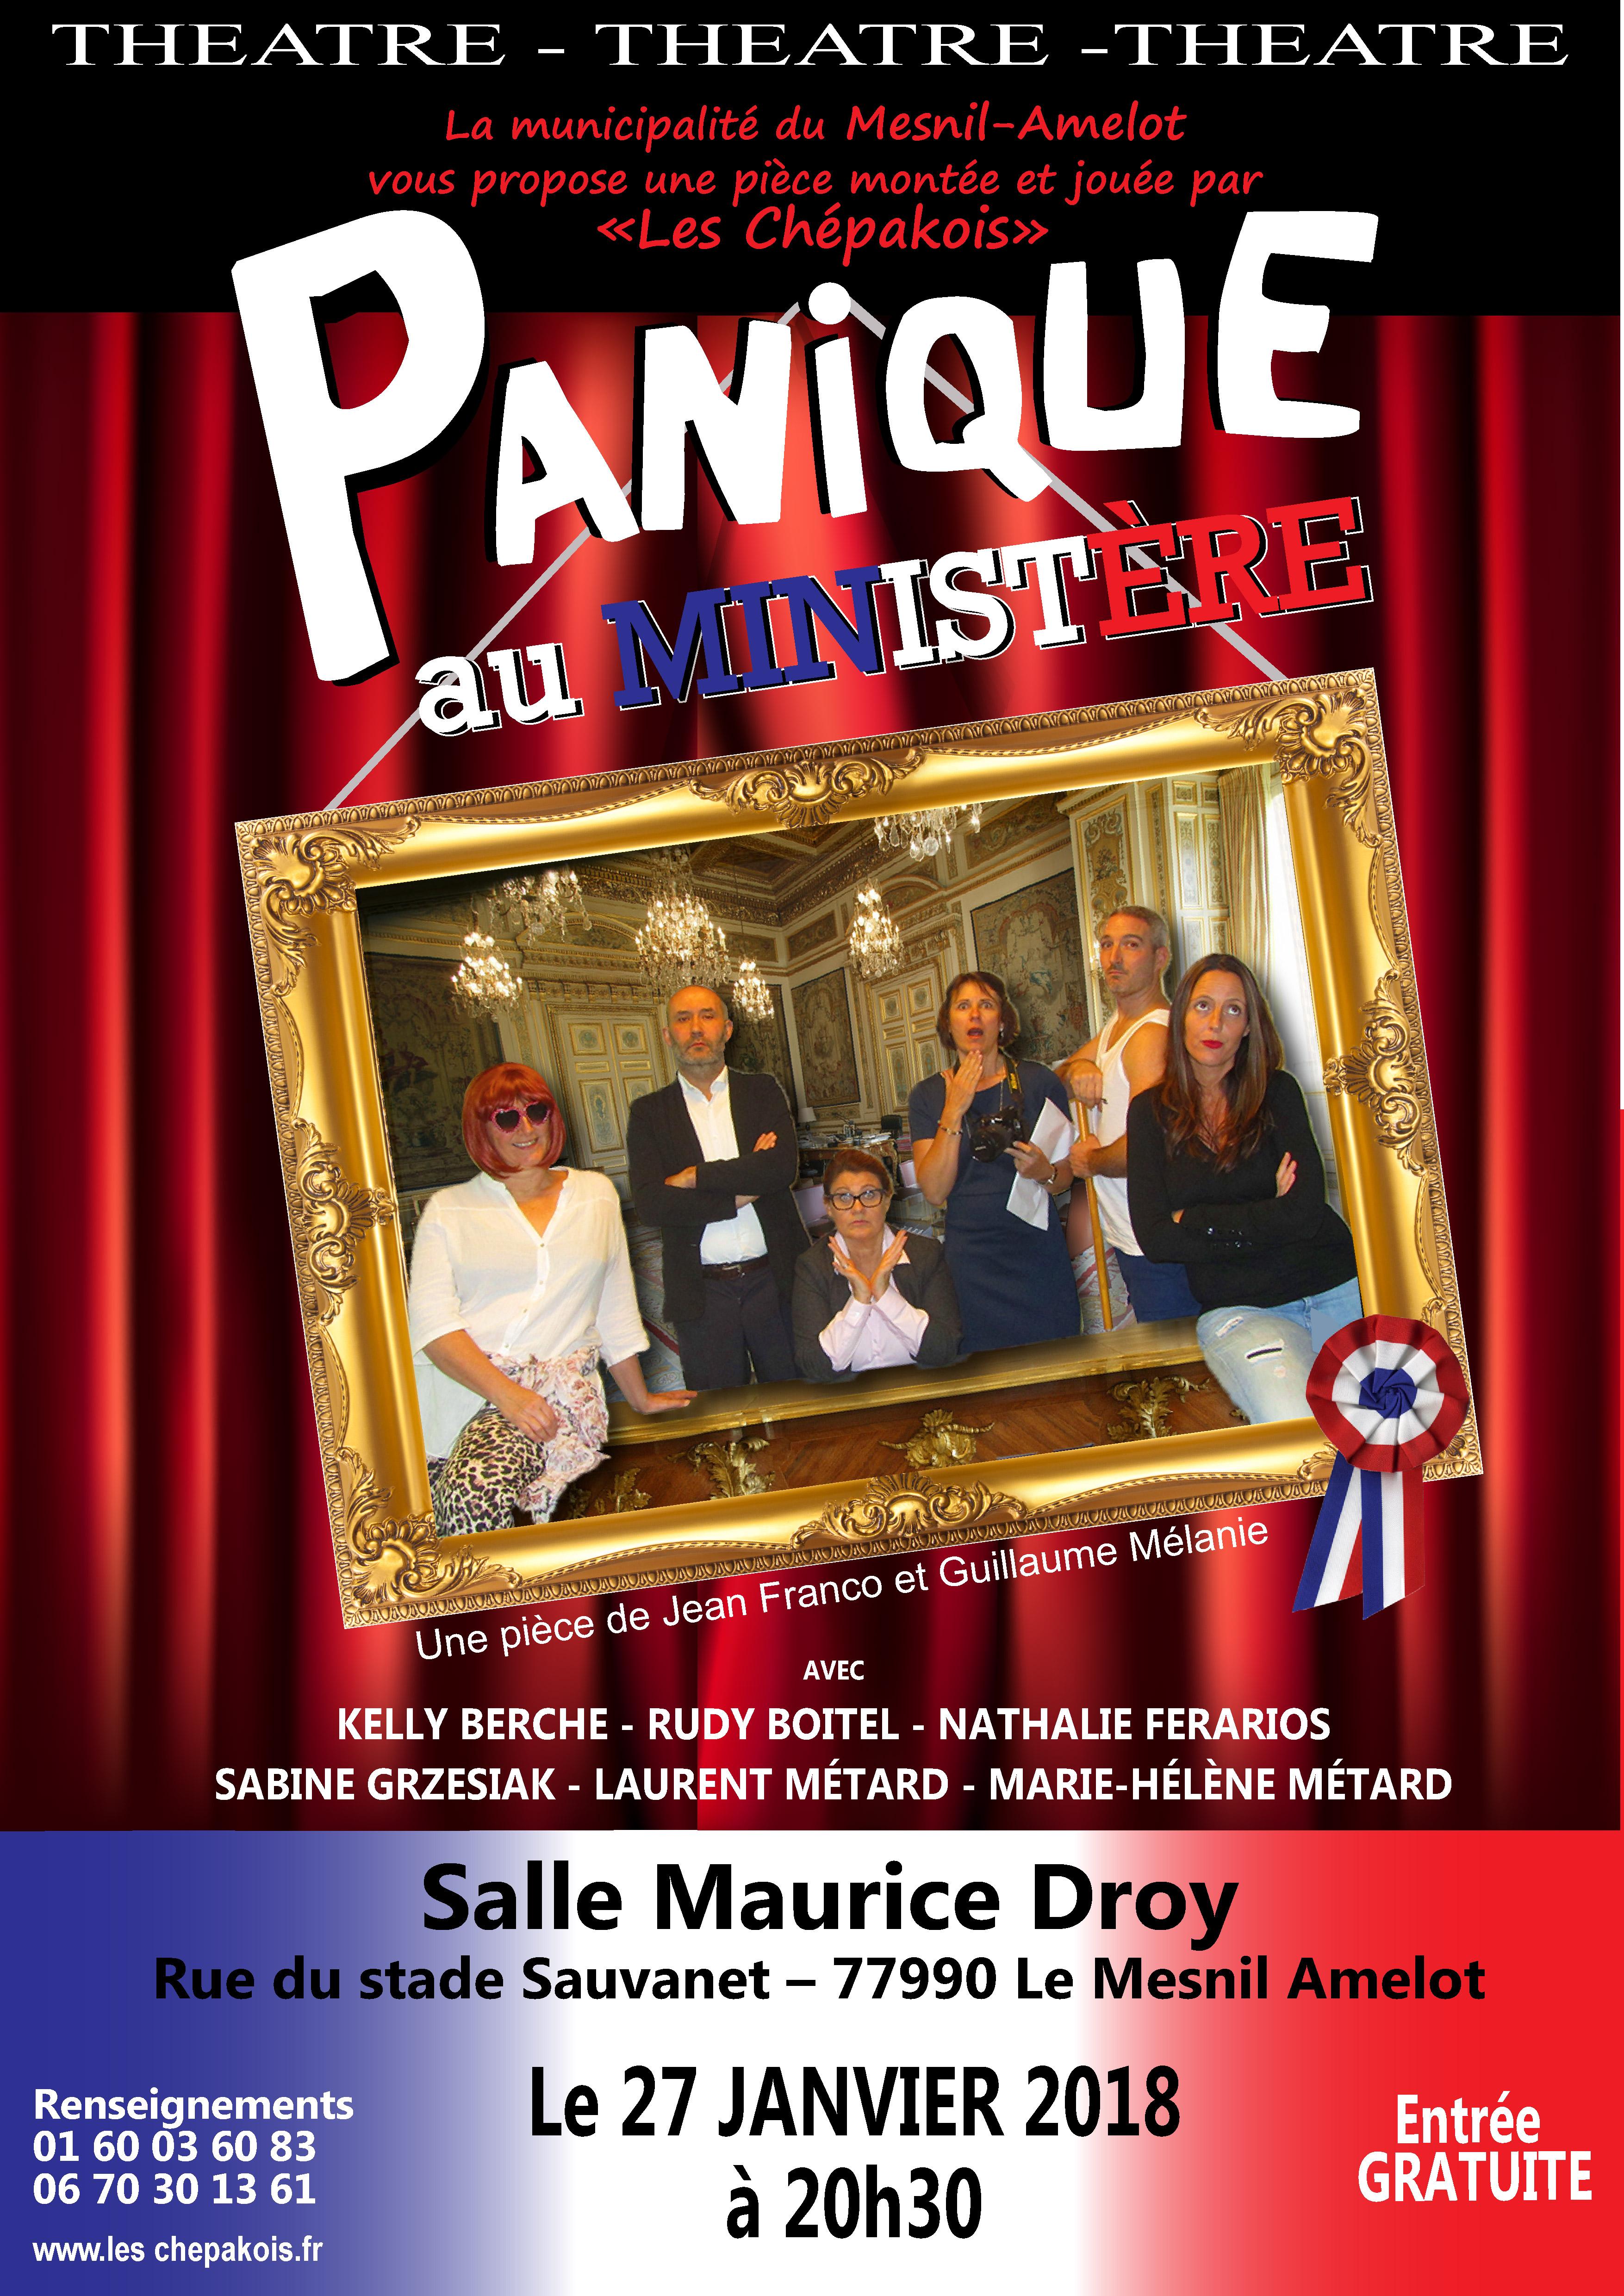 AFFICHE PANIQUE AU MINISTERE mESNIL-02